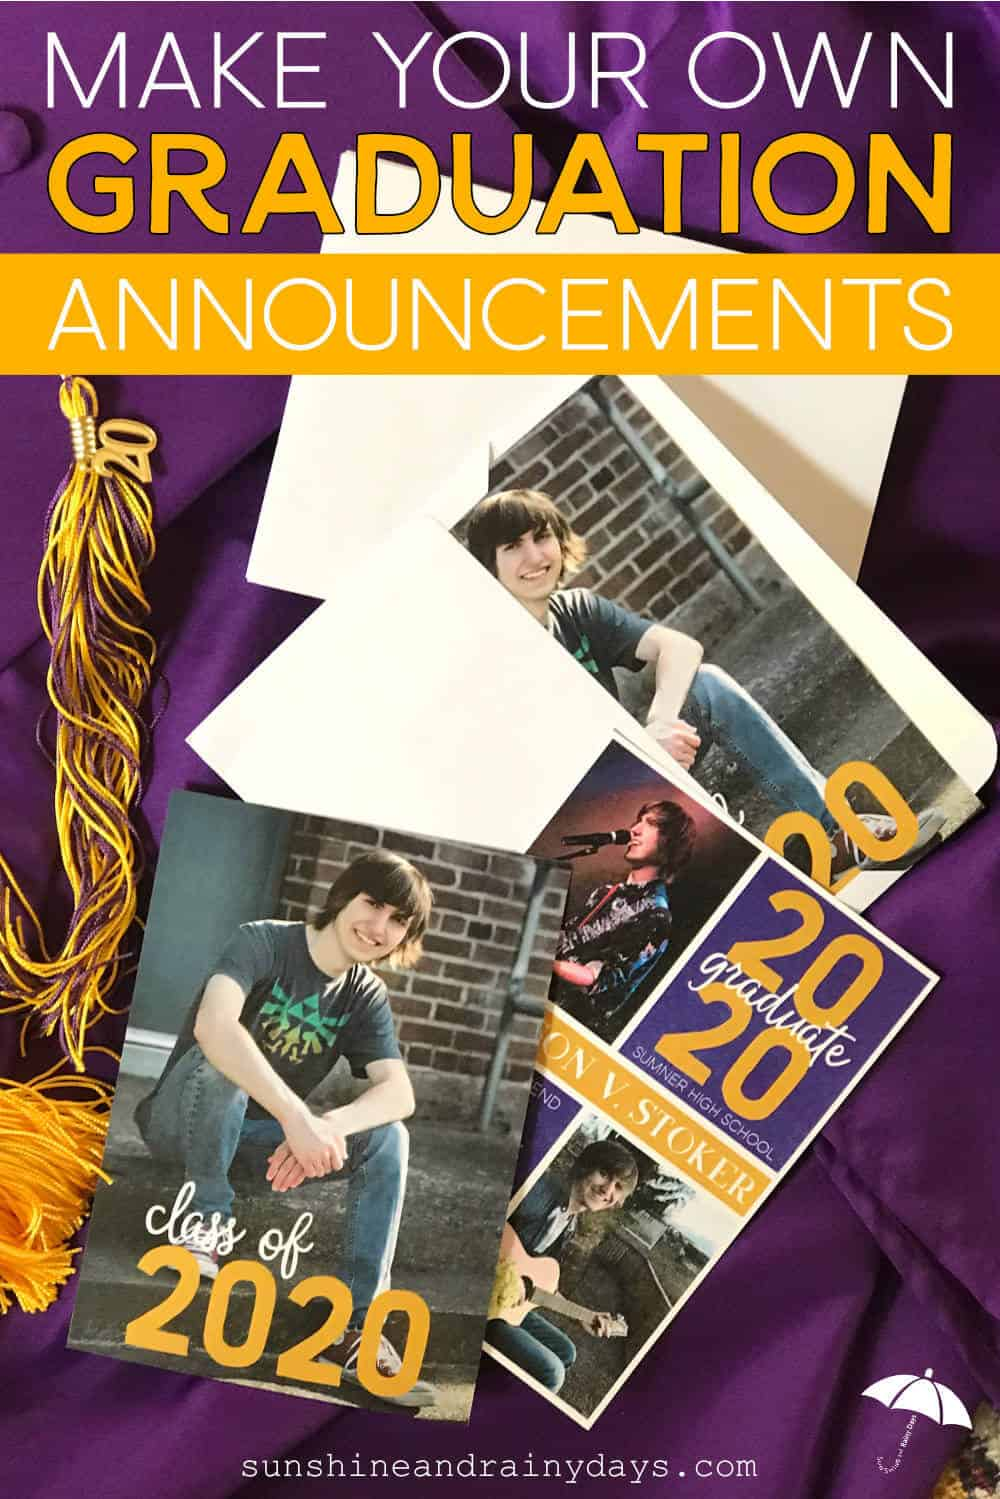 Graduation Announcements in envelopes